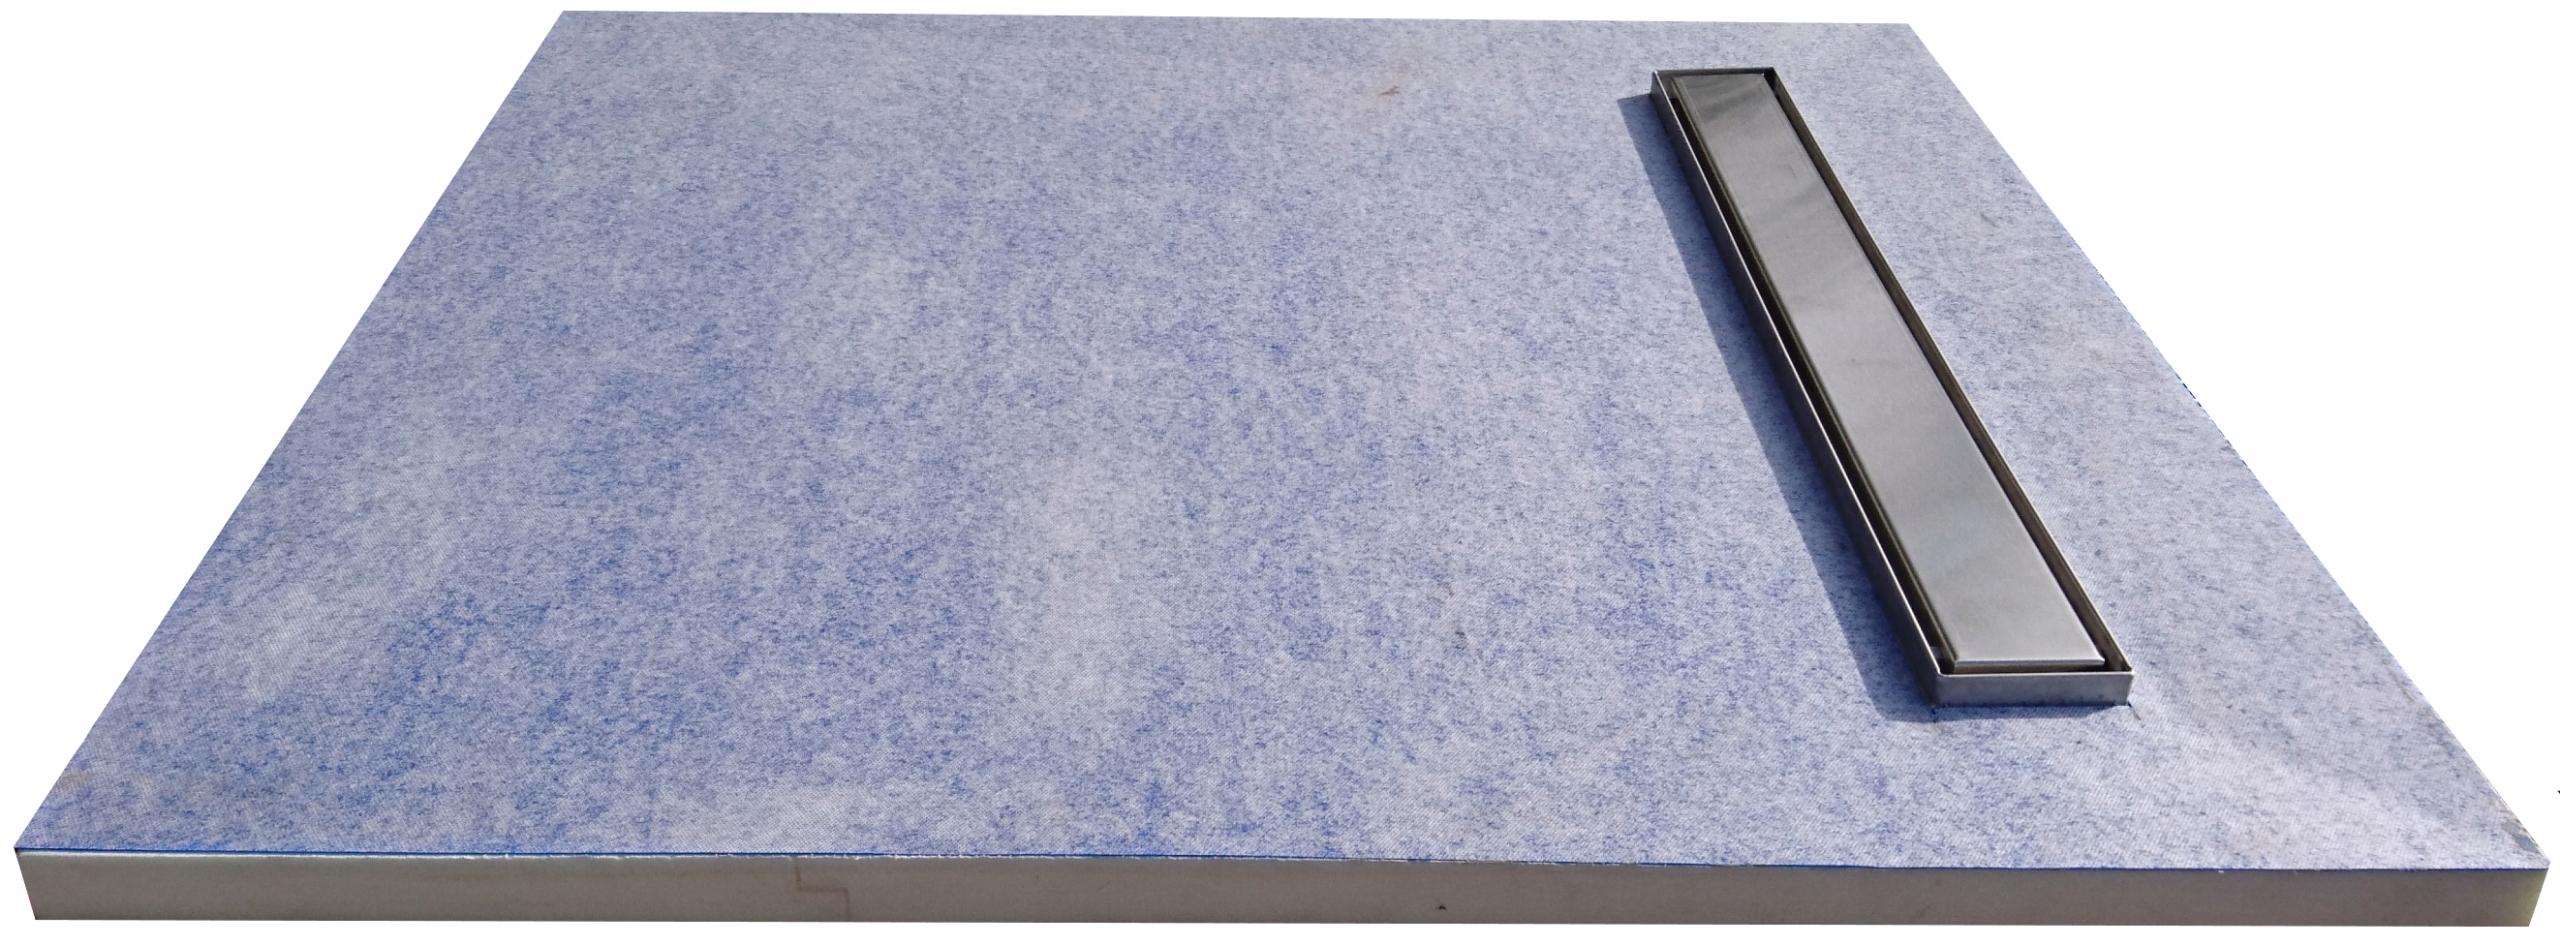 Sprchová vanička pod dlaždice 120x110 lineárny odtok 60